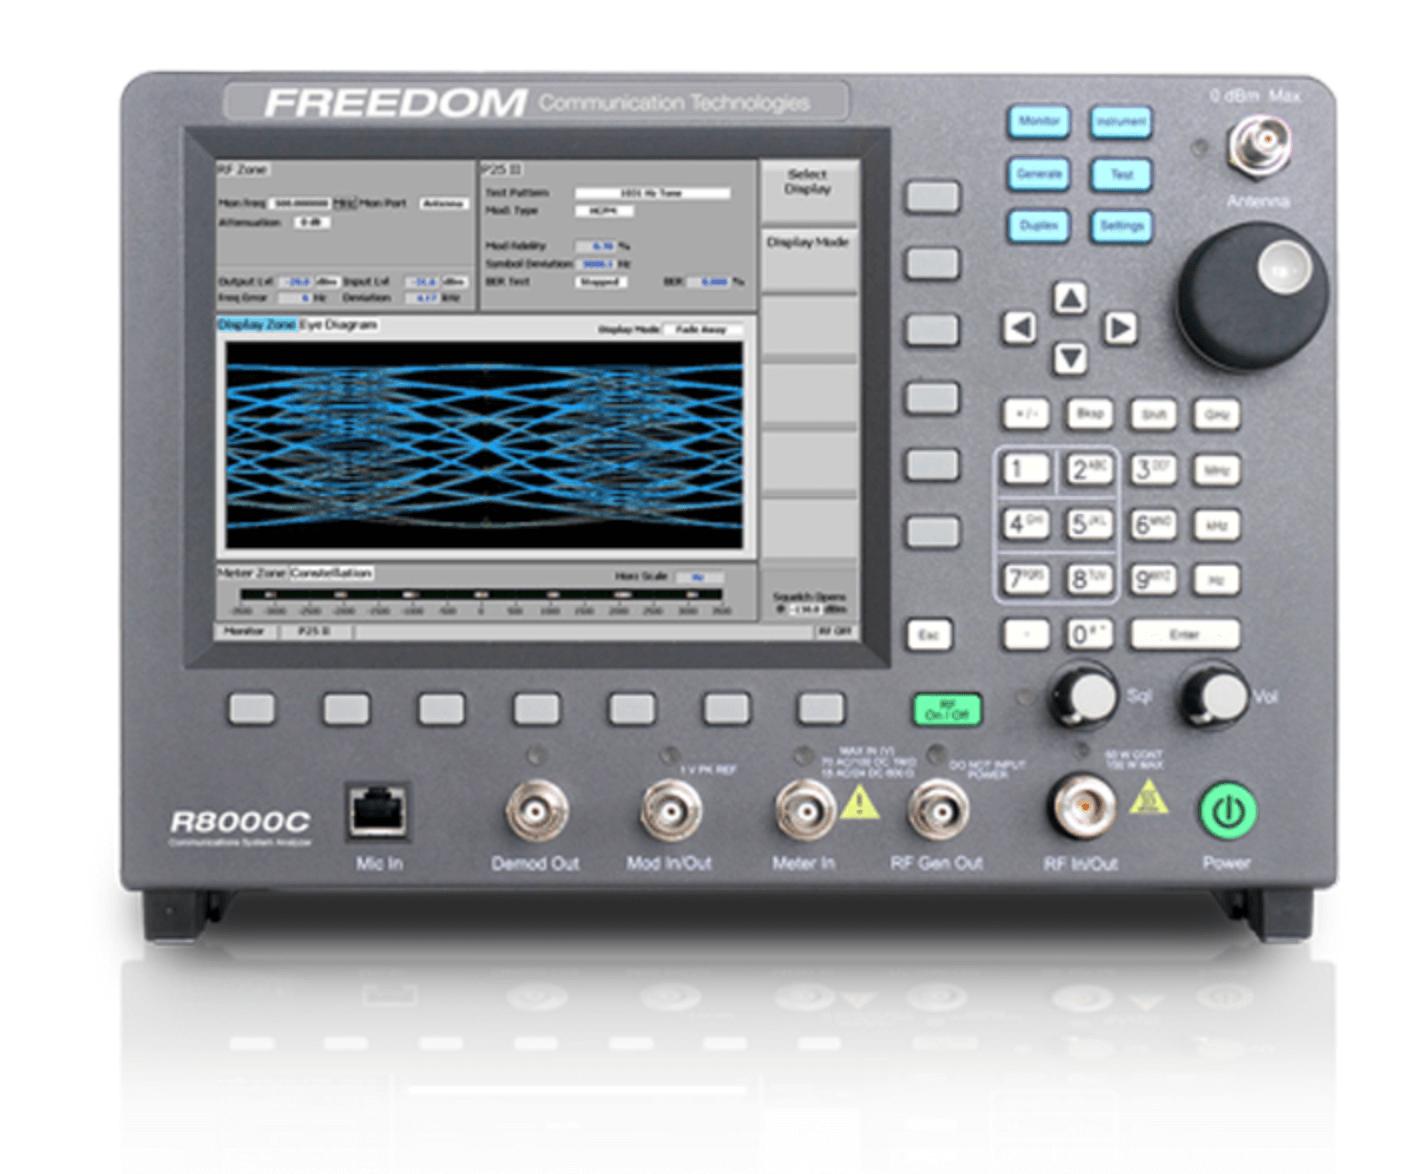 R8000C Image